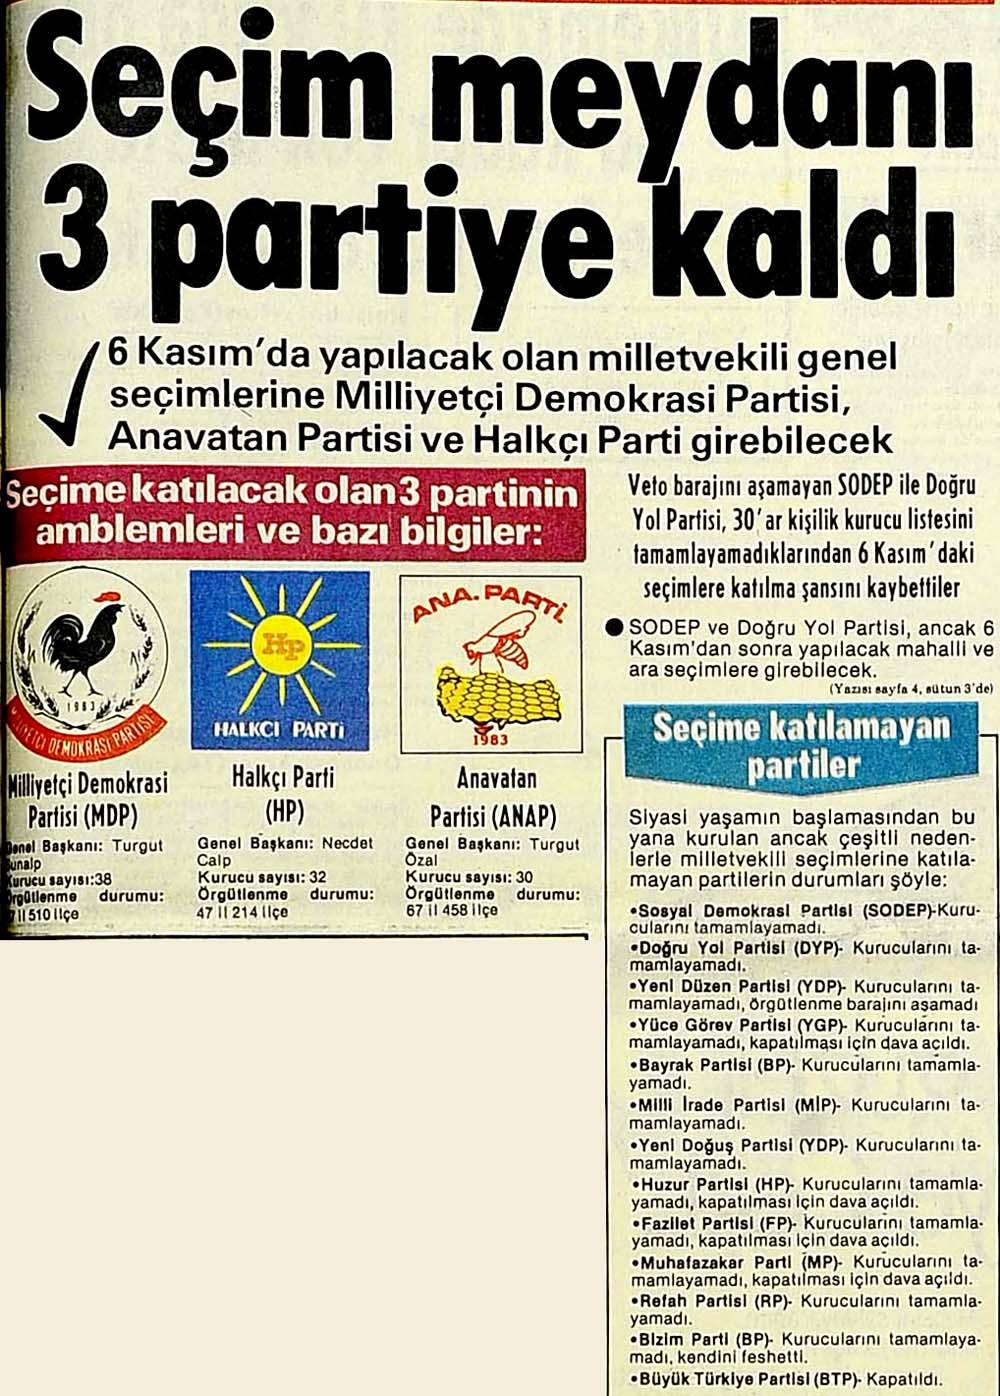 Seçim maydanı 3 partiye kaldı